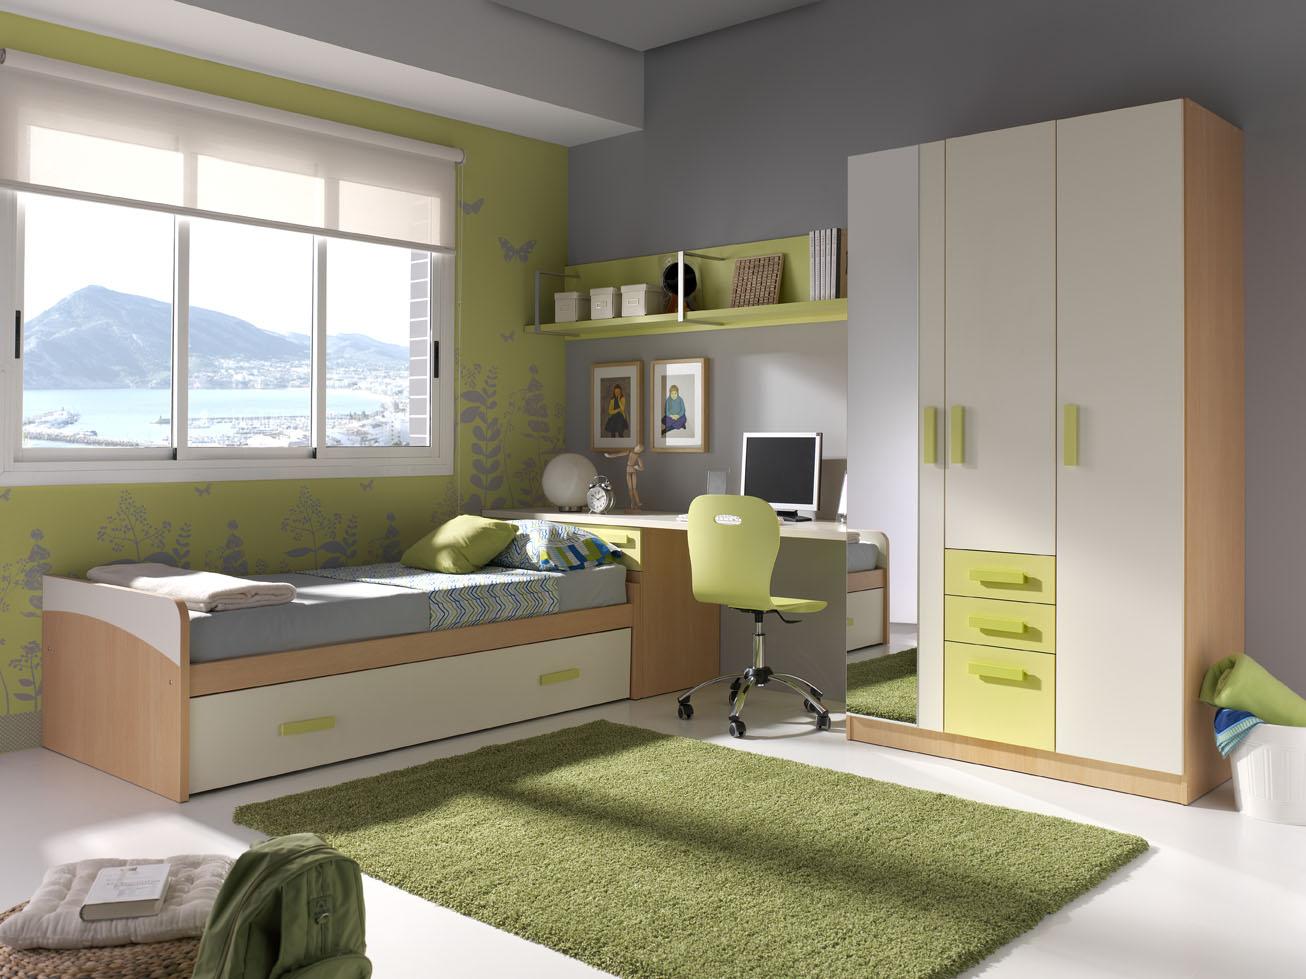 Dormitorios juveniles en color verde muebles orts blog - Muebles para chicos ...